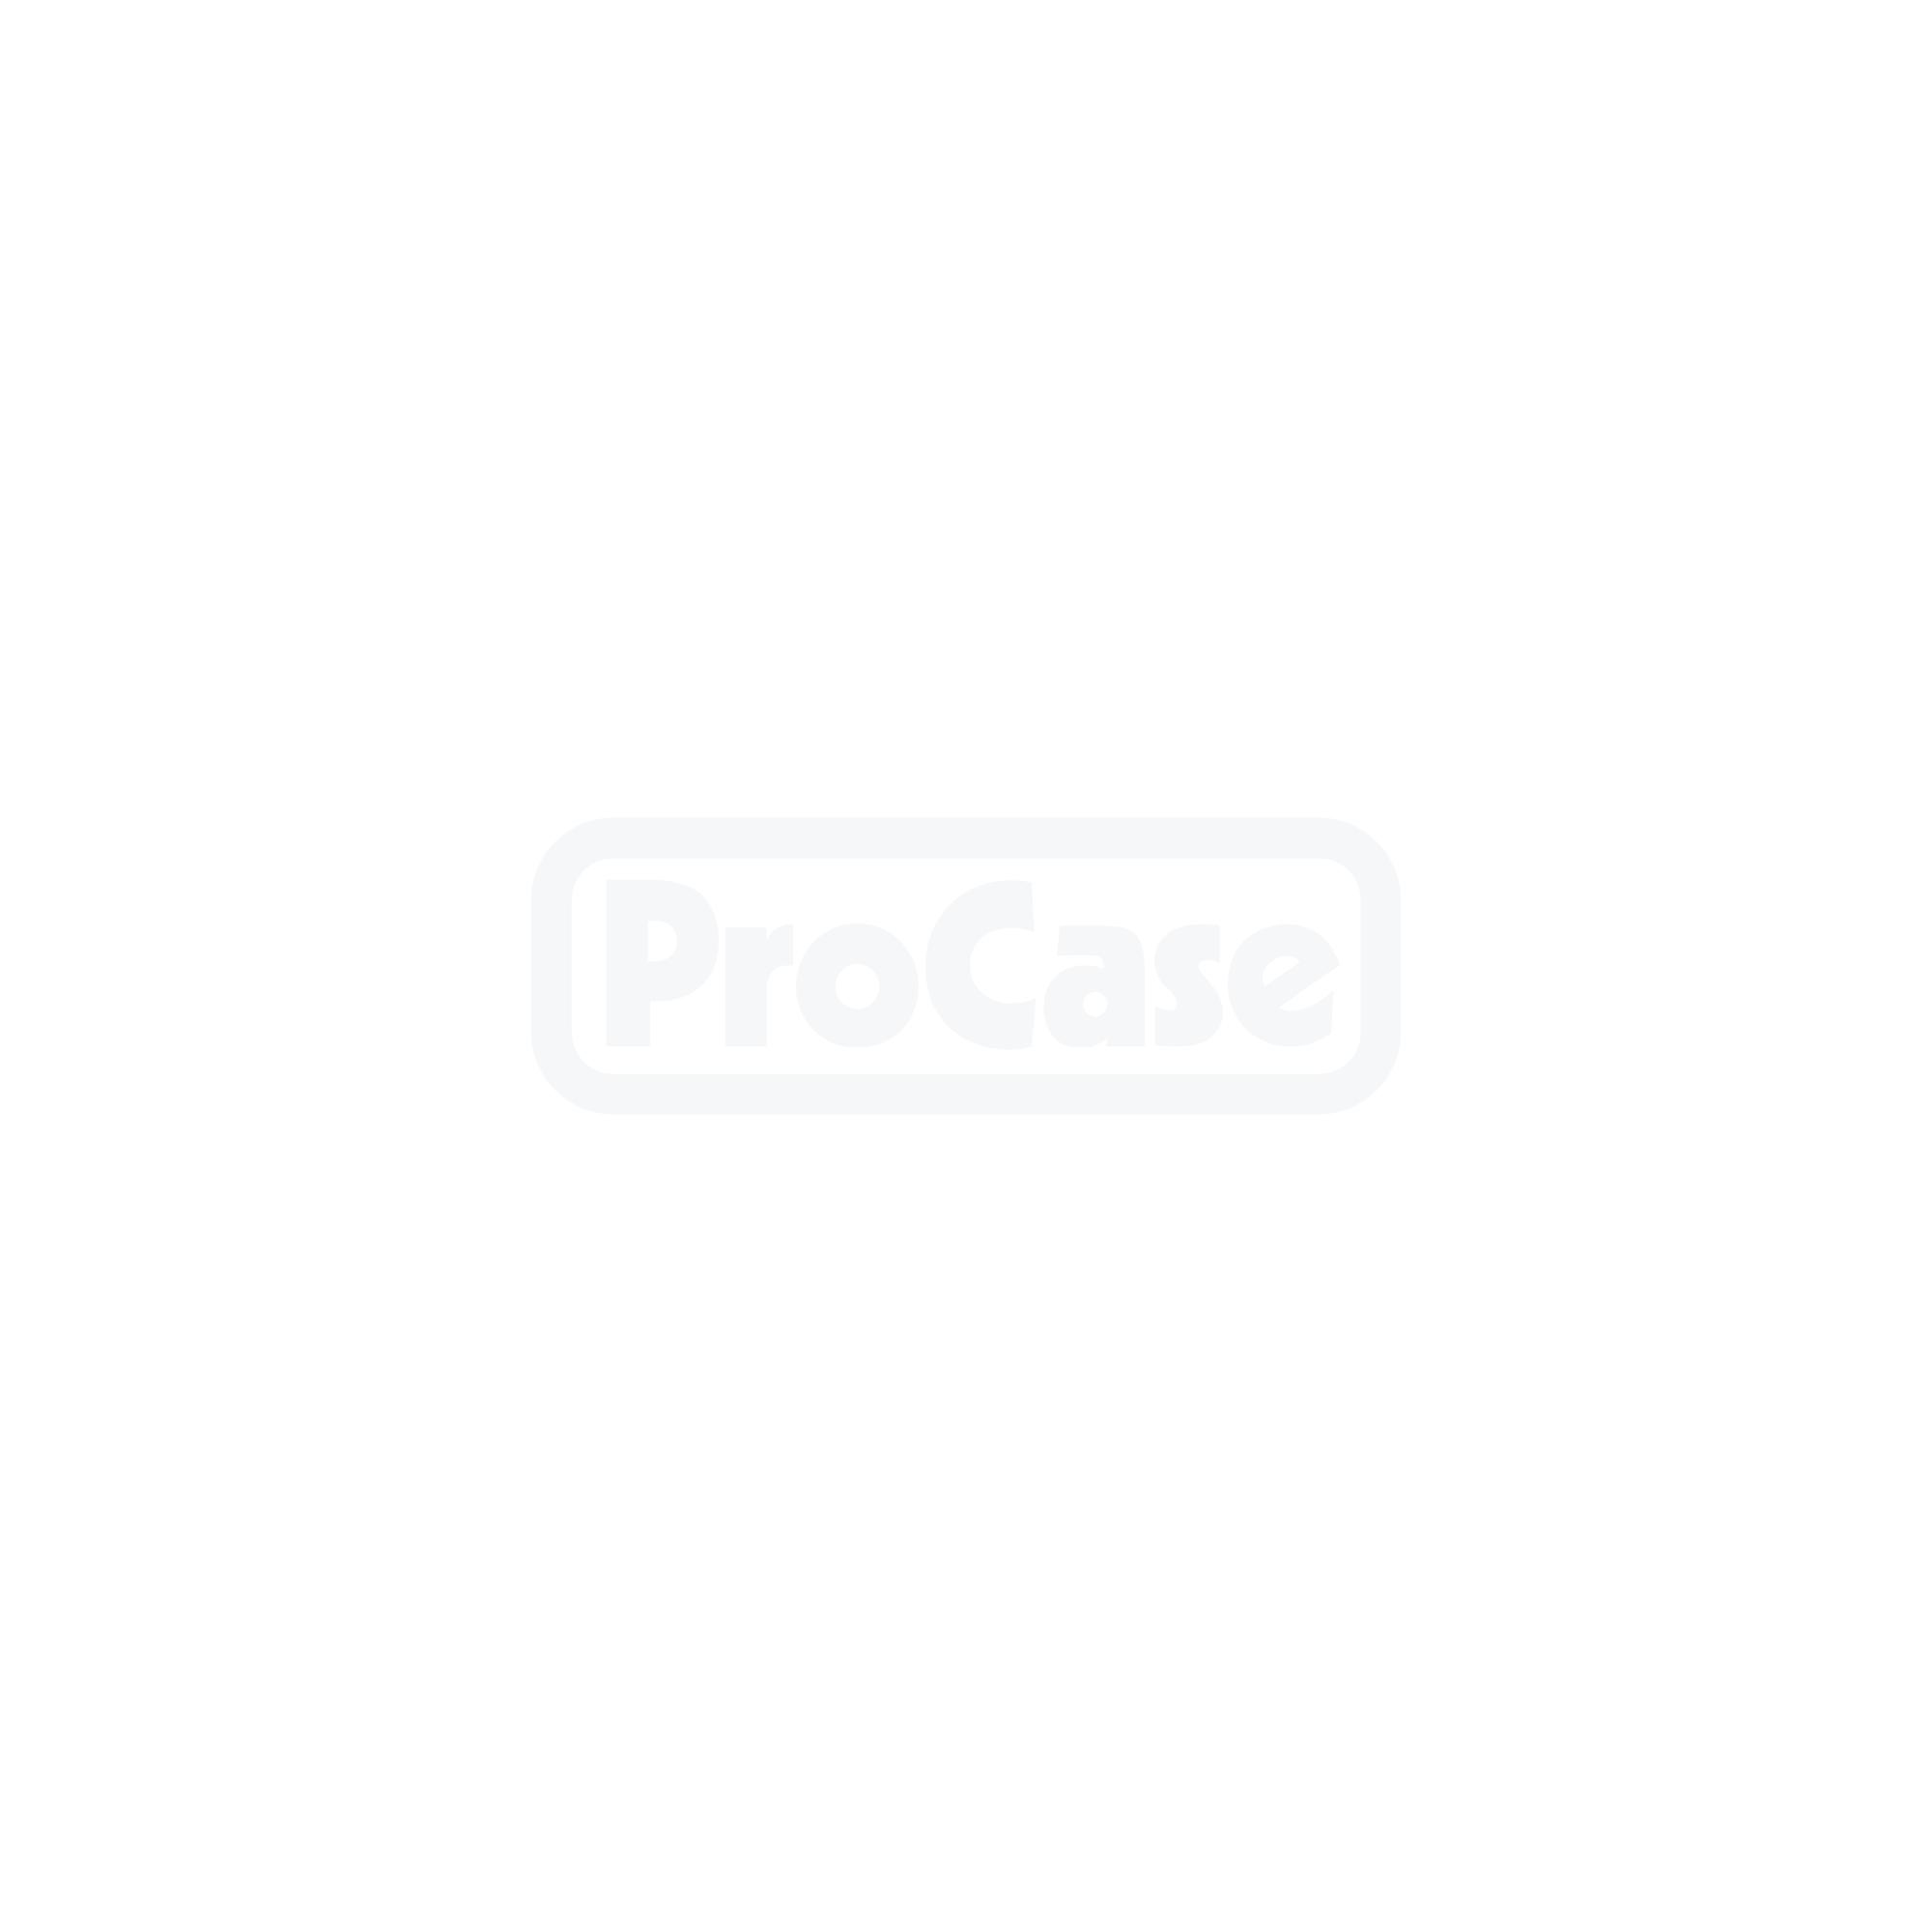 QSD-Rack 12HE 800 mm tief 2